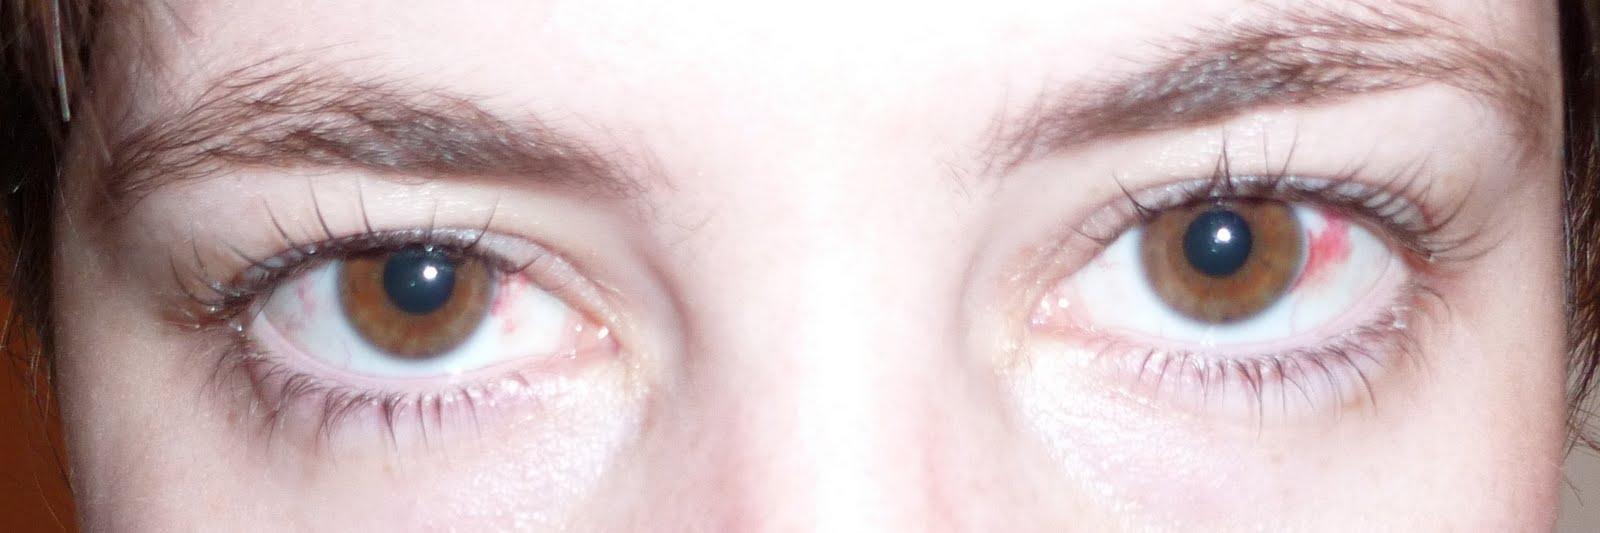 voile aux yeux et malaise